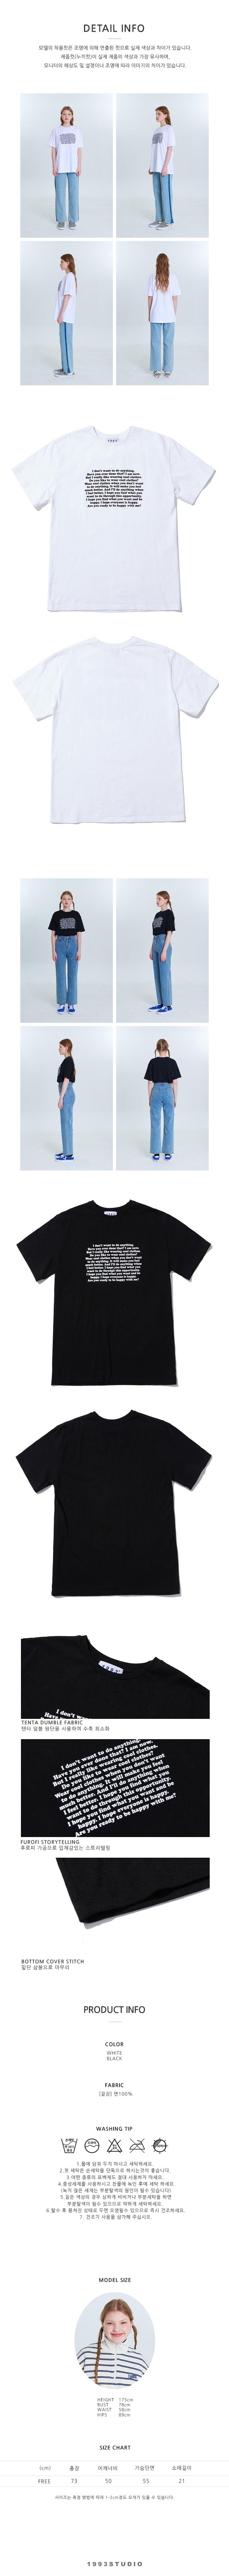 1993스튜디오(1993STUDIO) 후로피 스토리텔링 티셔츠